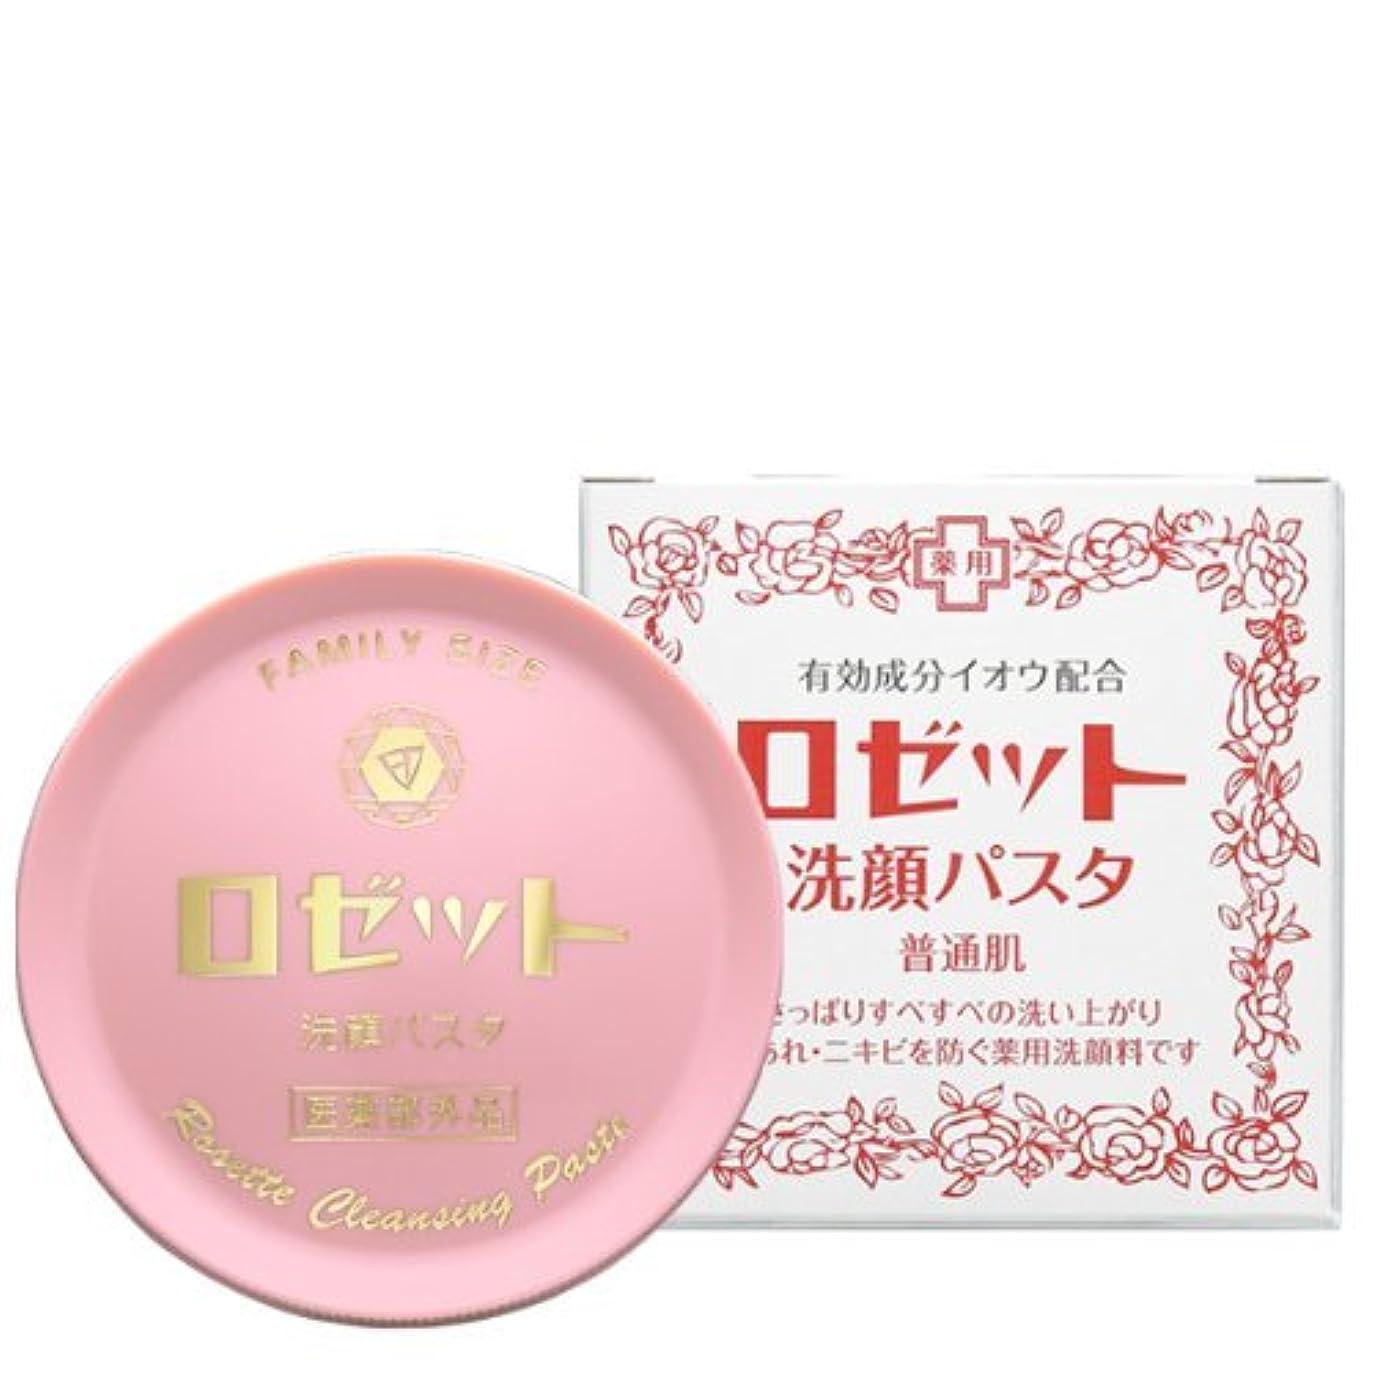 ベーシックしなければならない迷惑ロゼット 洗顔パスタ 普通肌 90g (医薬部外品)